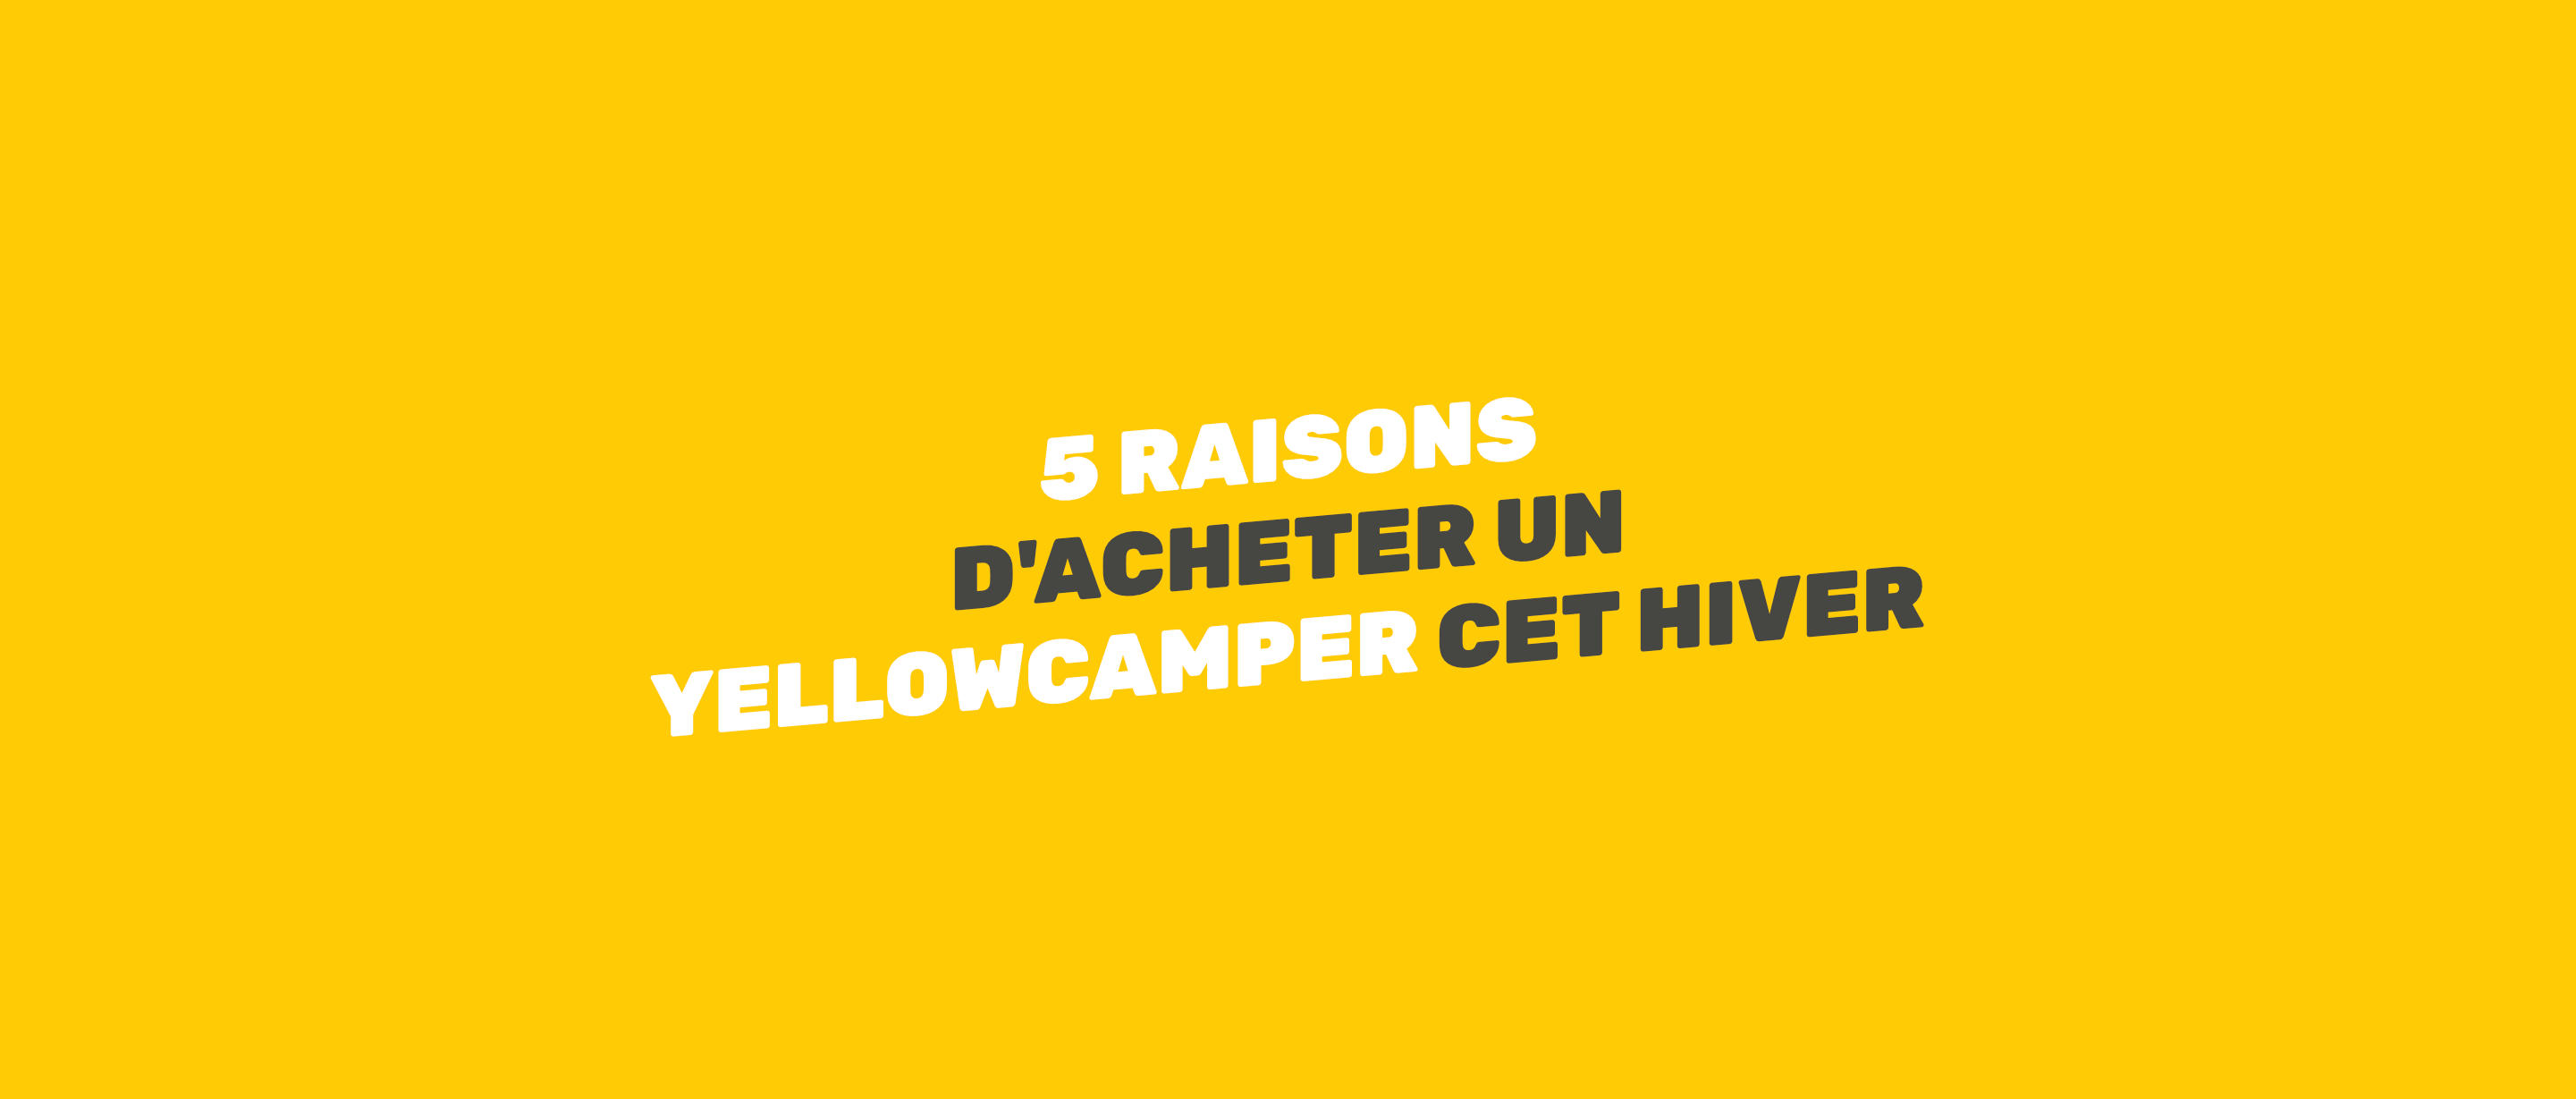 5 raisons d'acheter un Yellowcamper cet hiver